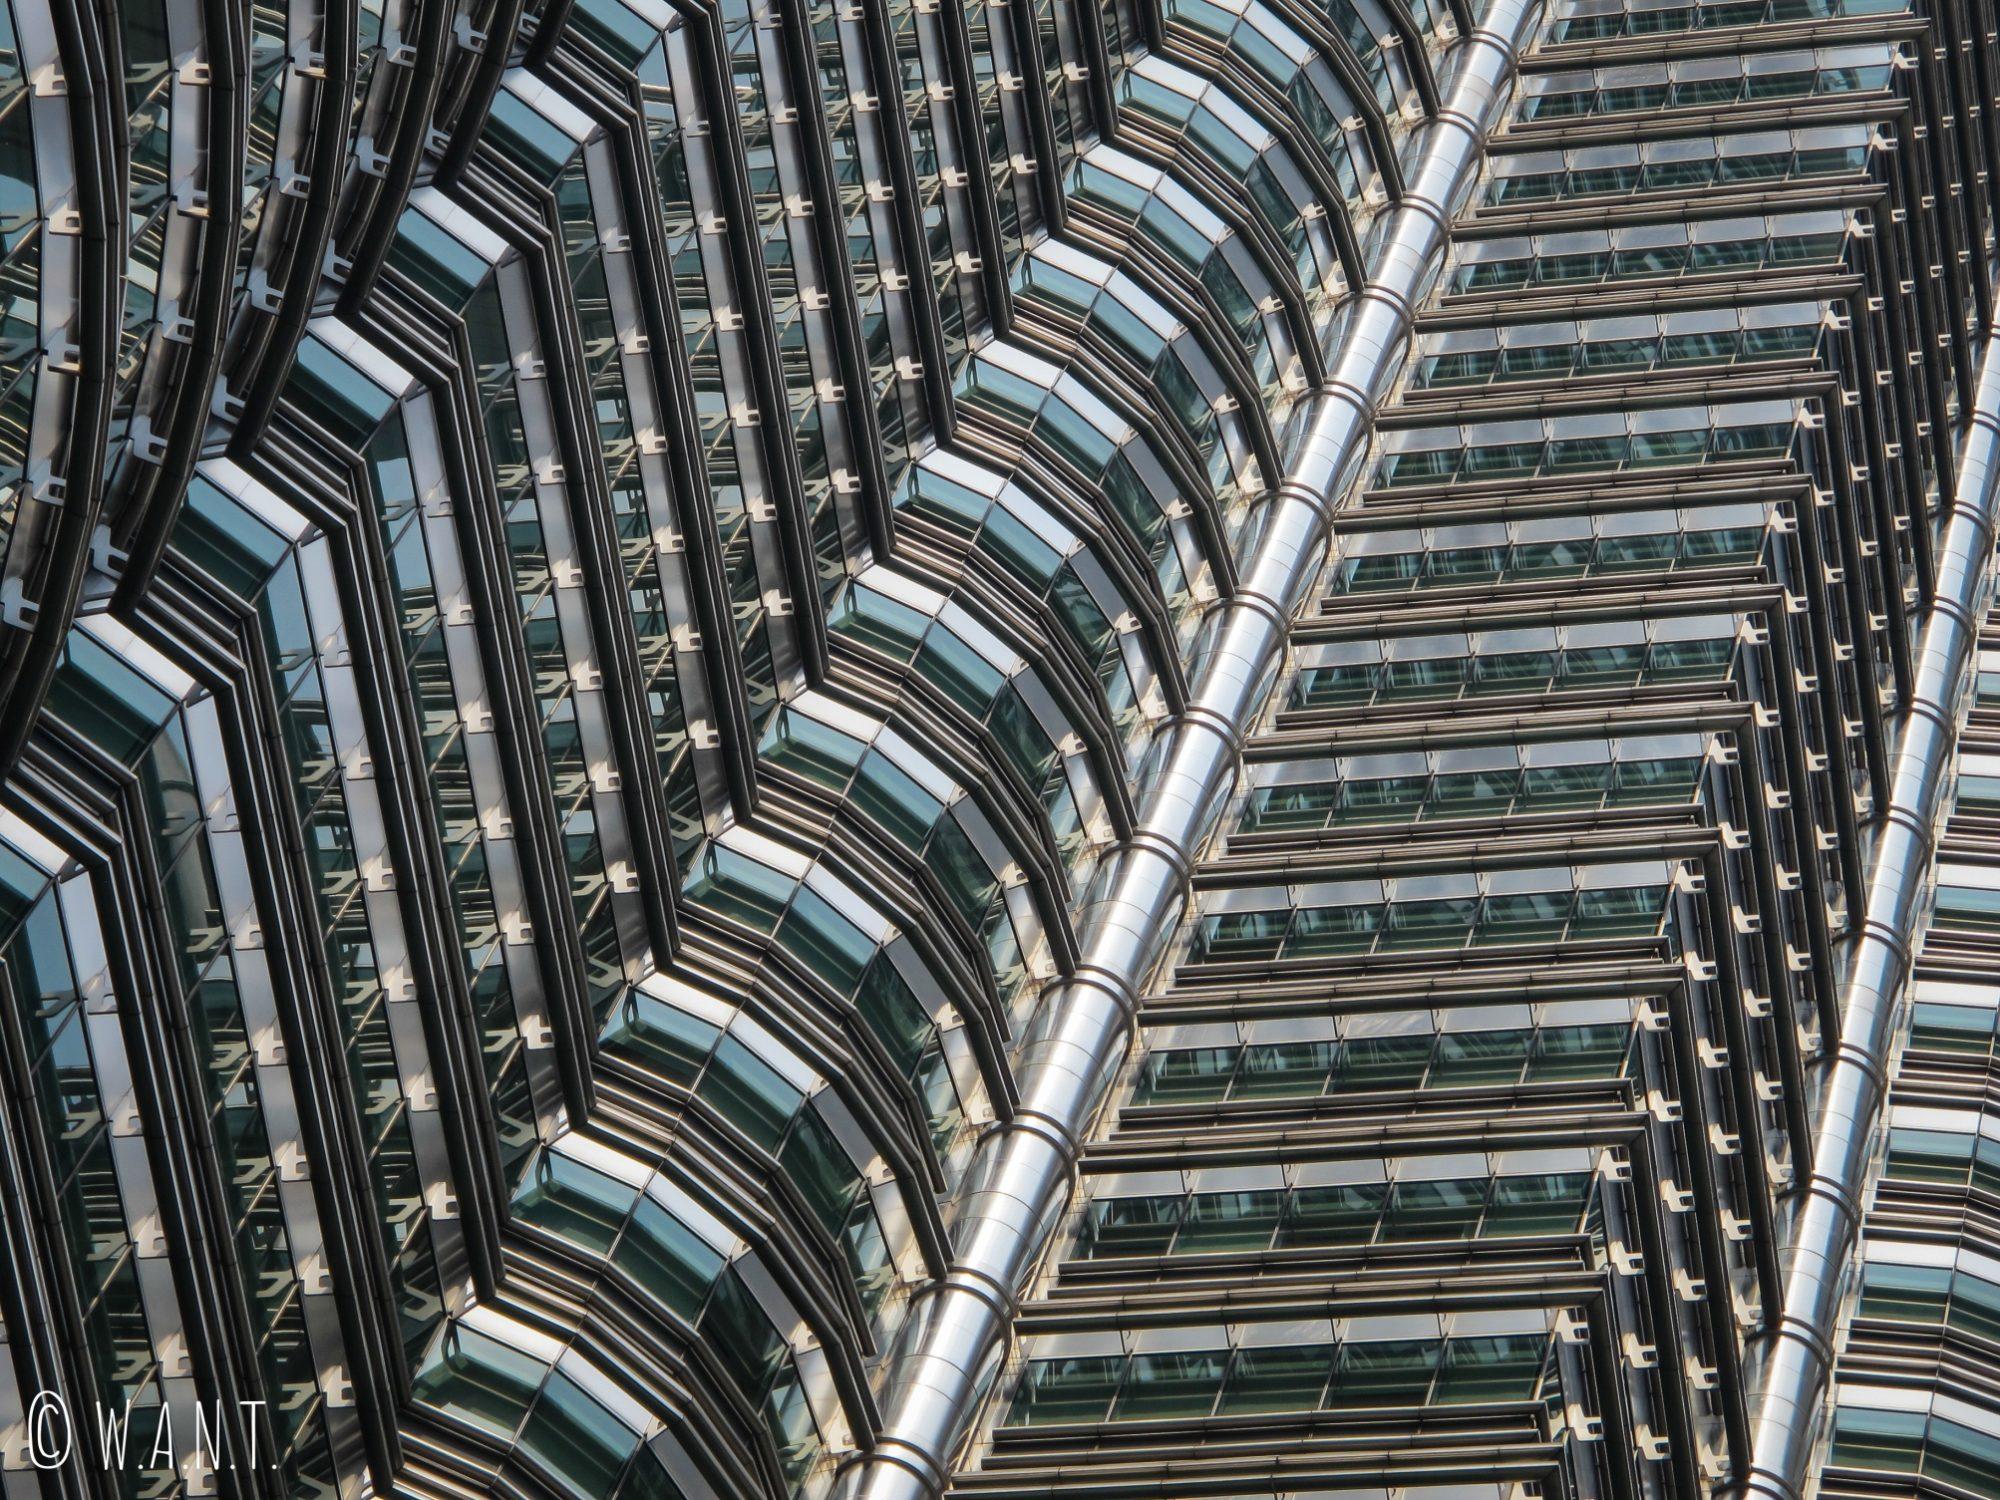 Gors plan sur la sublime architecture des tours jumelles Petronas